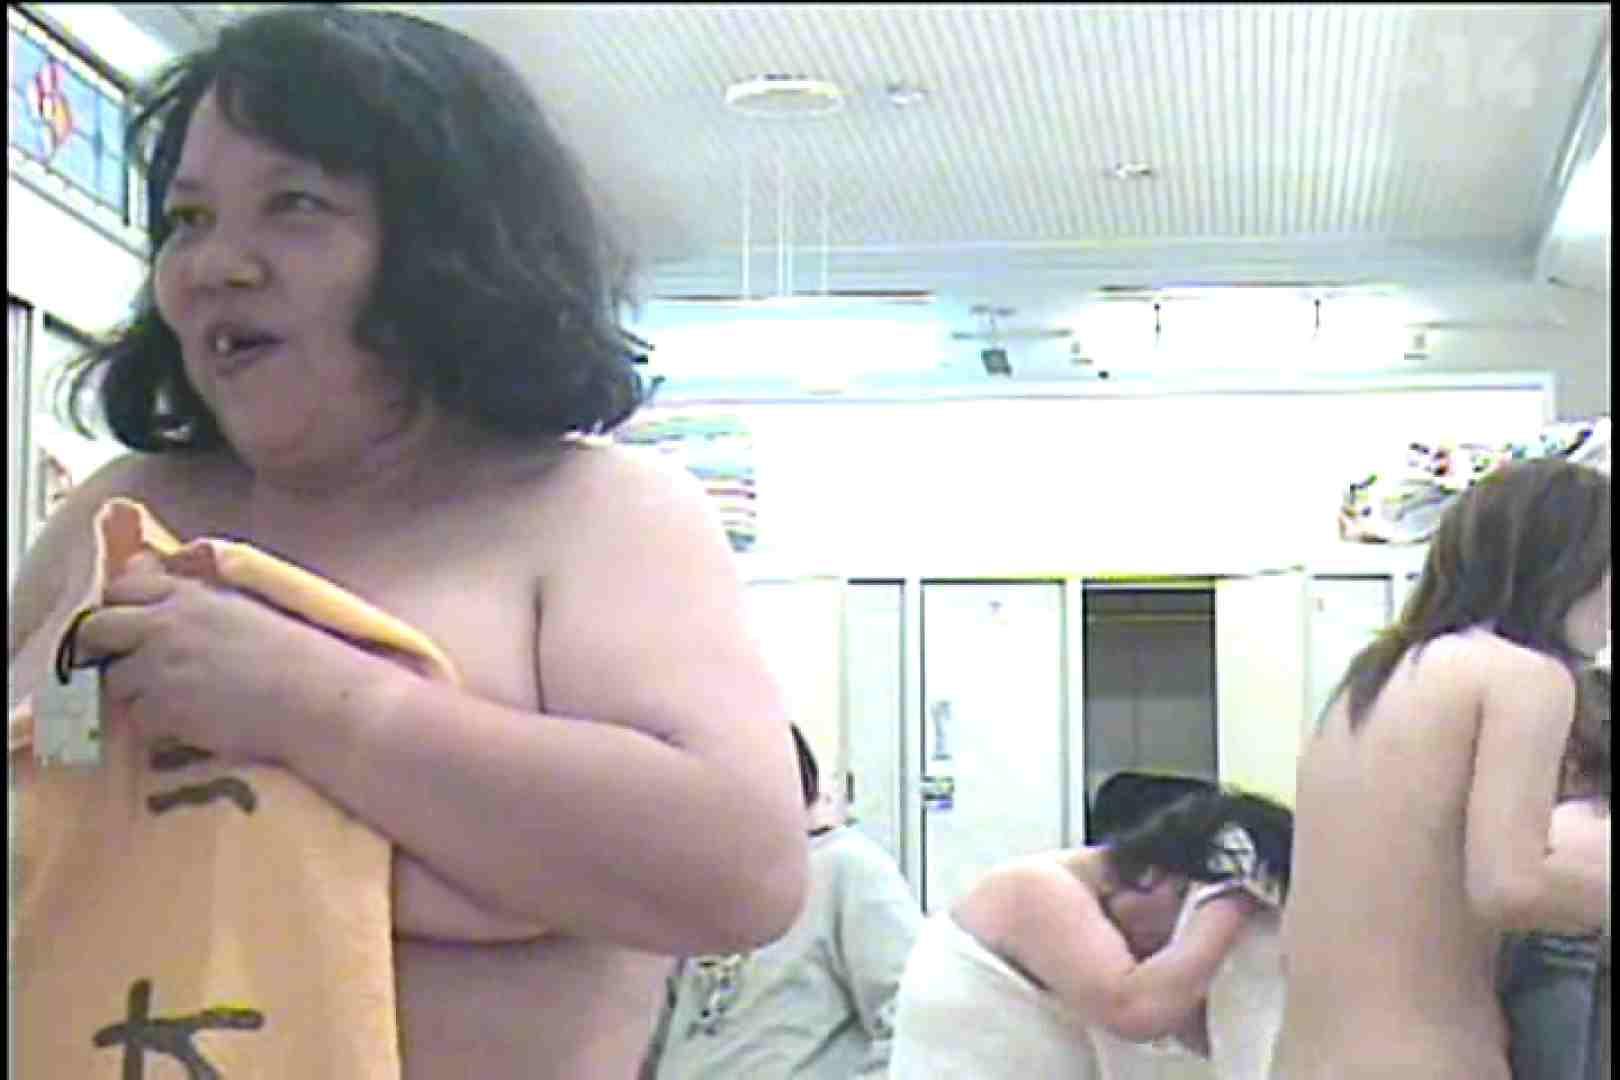 厳選潜入女風呂 No.14 盗撮特撮 盗撮動画紹介 10pic 2